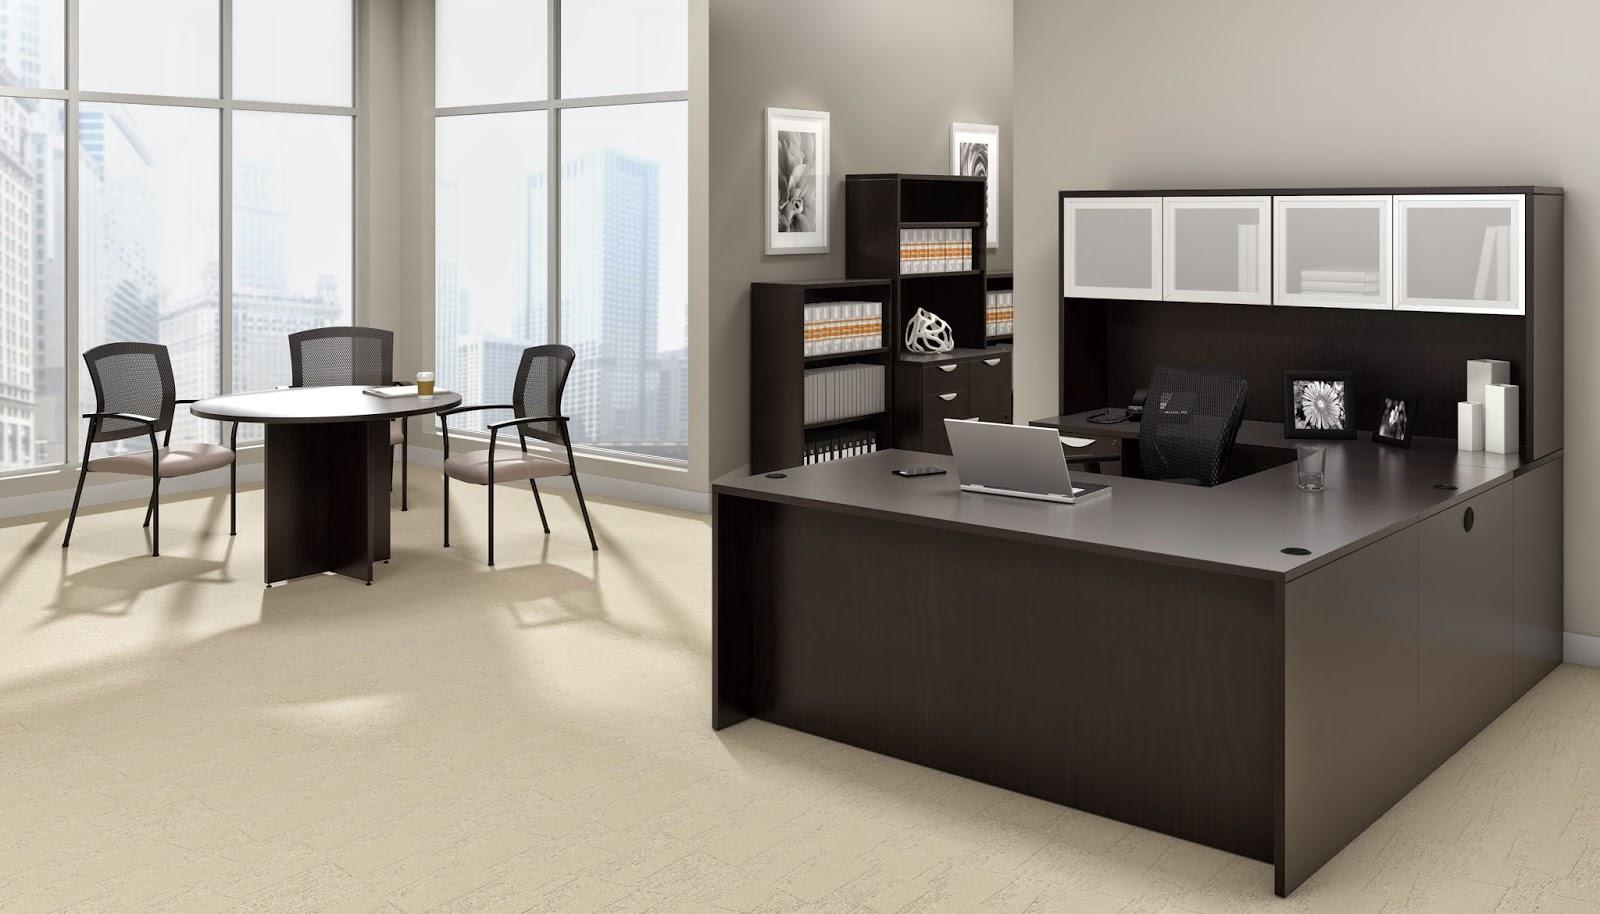 Executive Office Interior